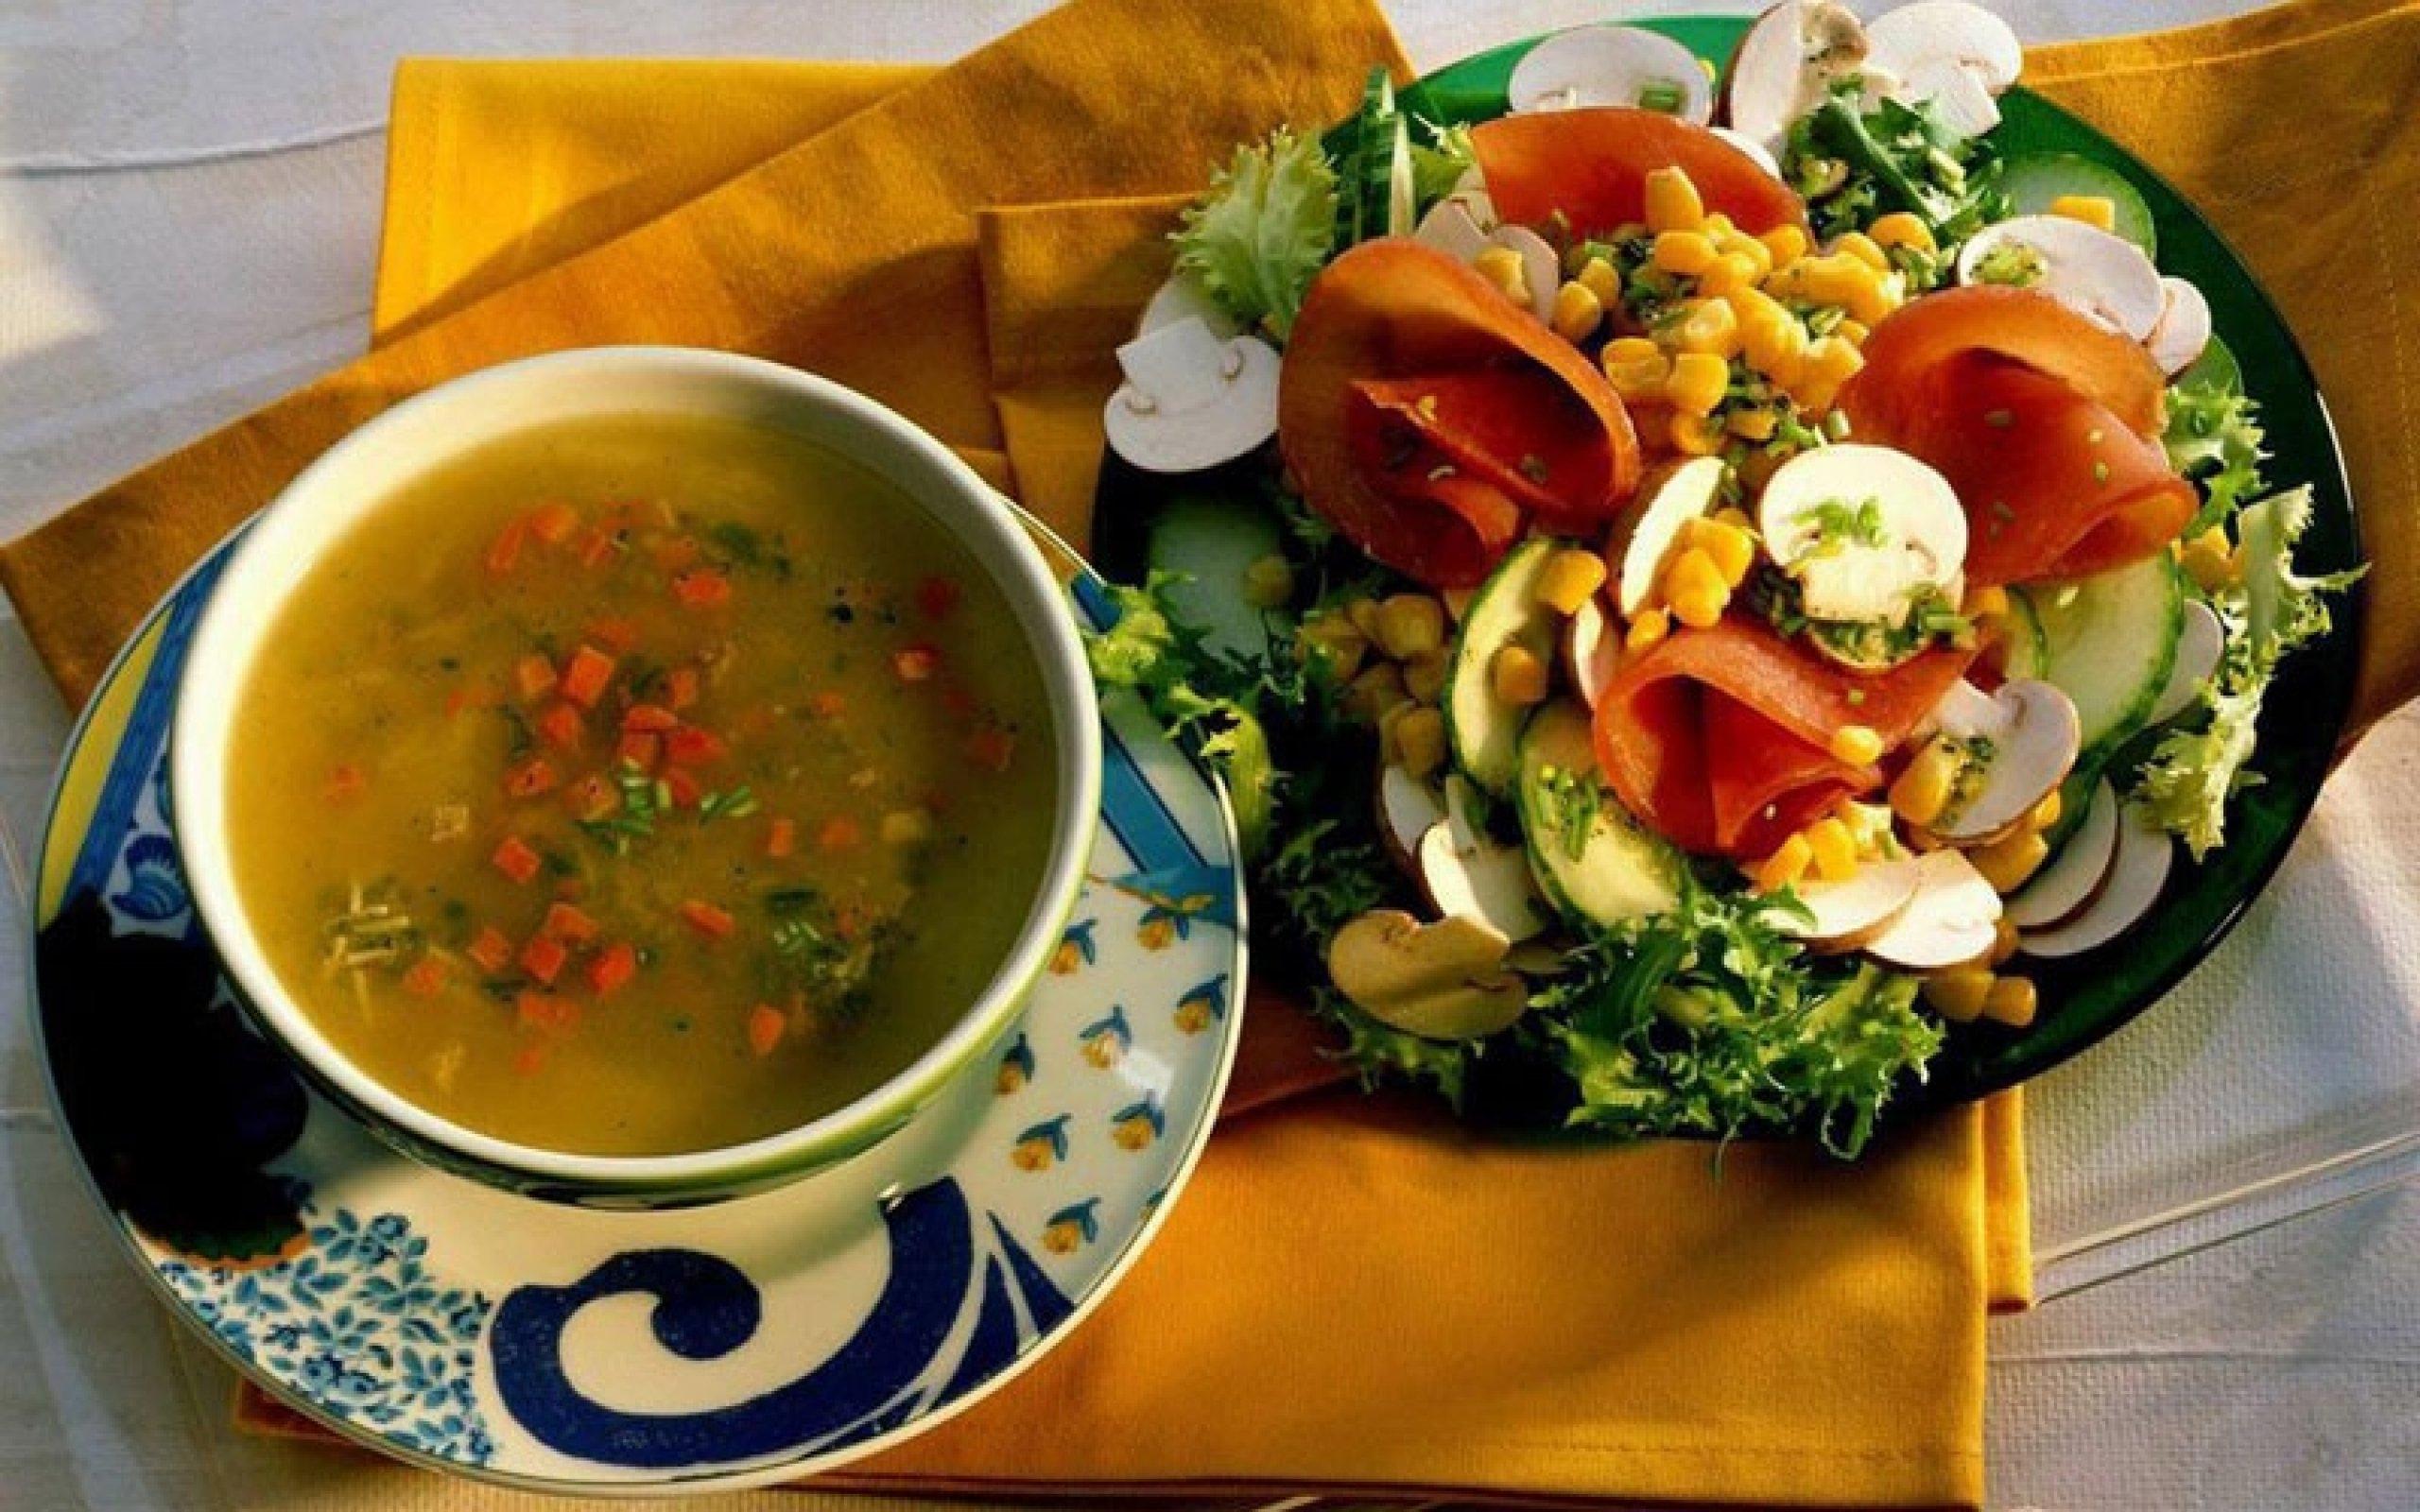 Похлебка и салат - главные блюда Рождественского меню